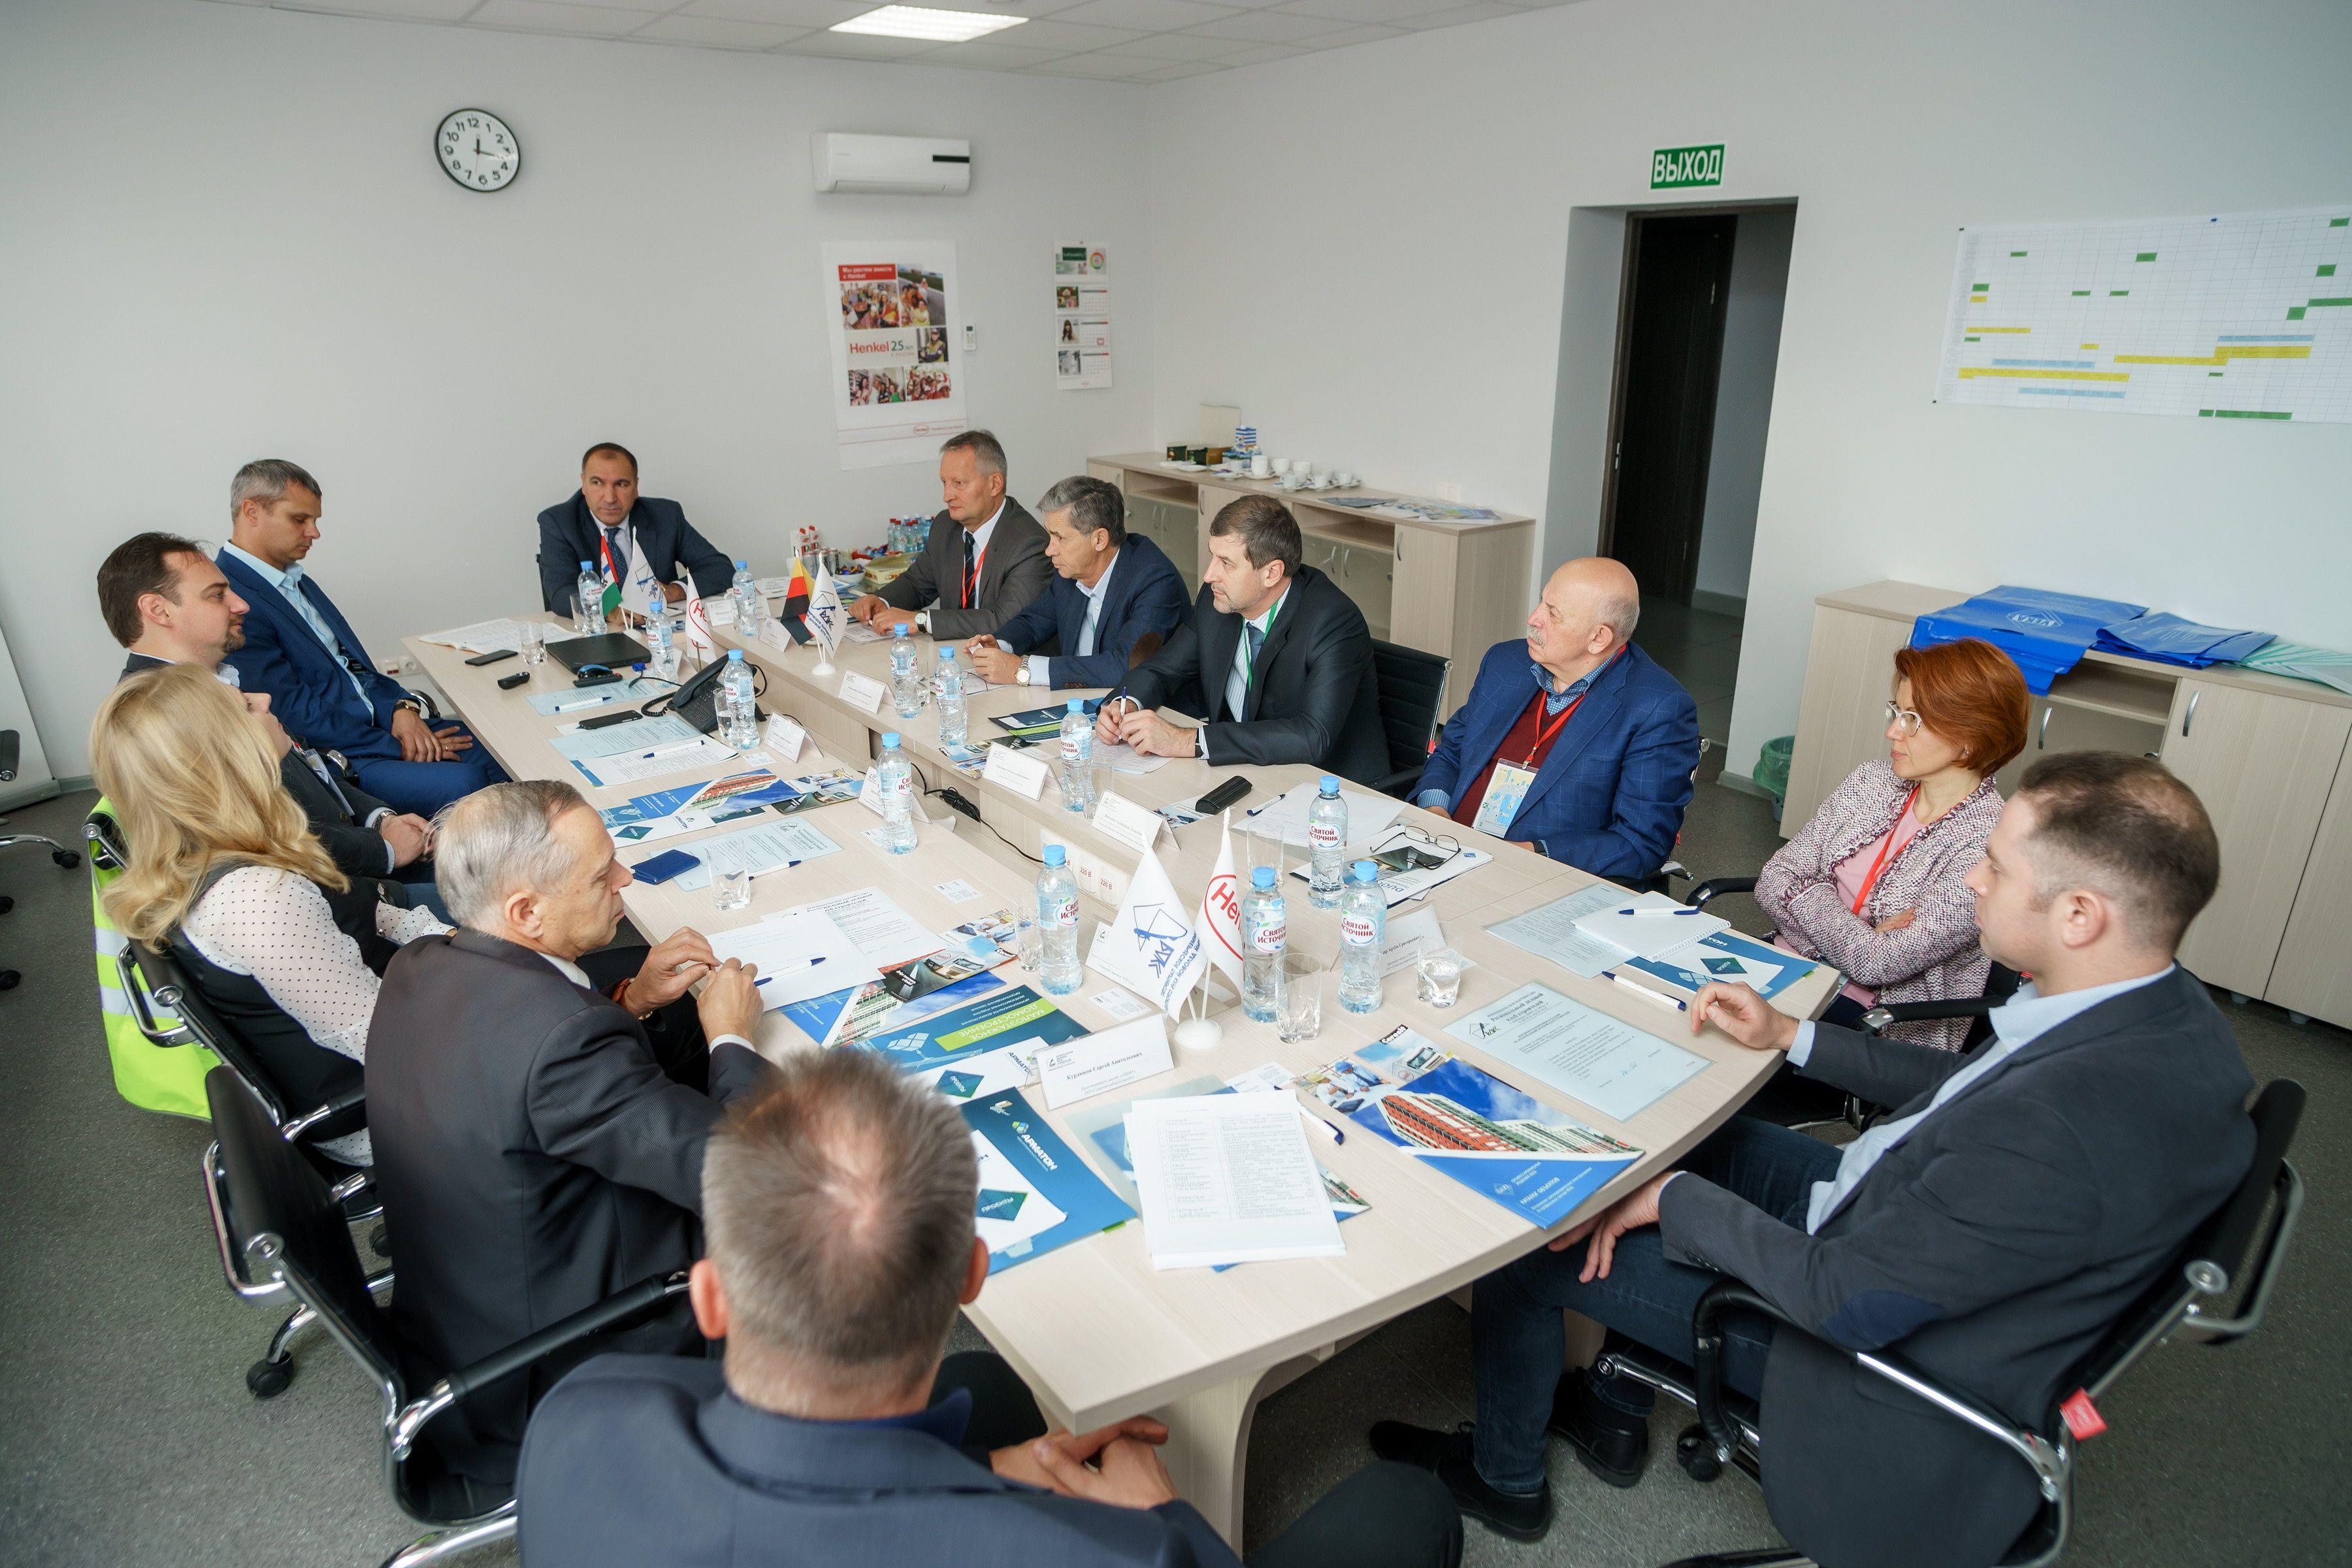 Развитие рынка строительных материалов:  передовой опыт производства предприятий Новосибирской области